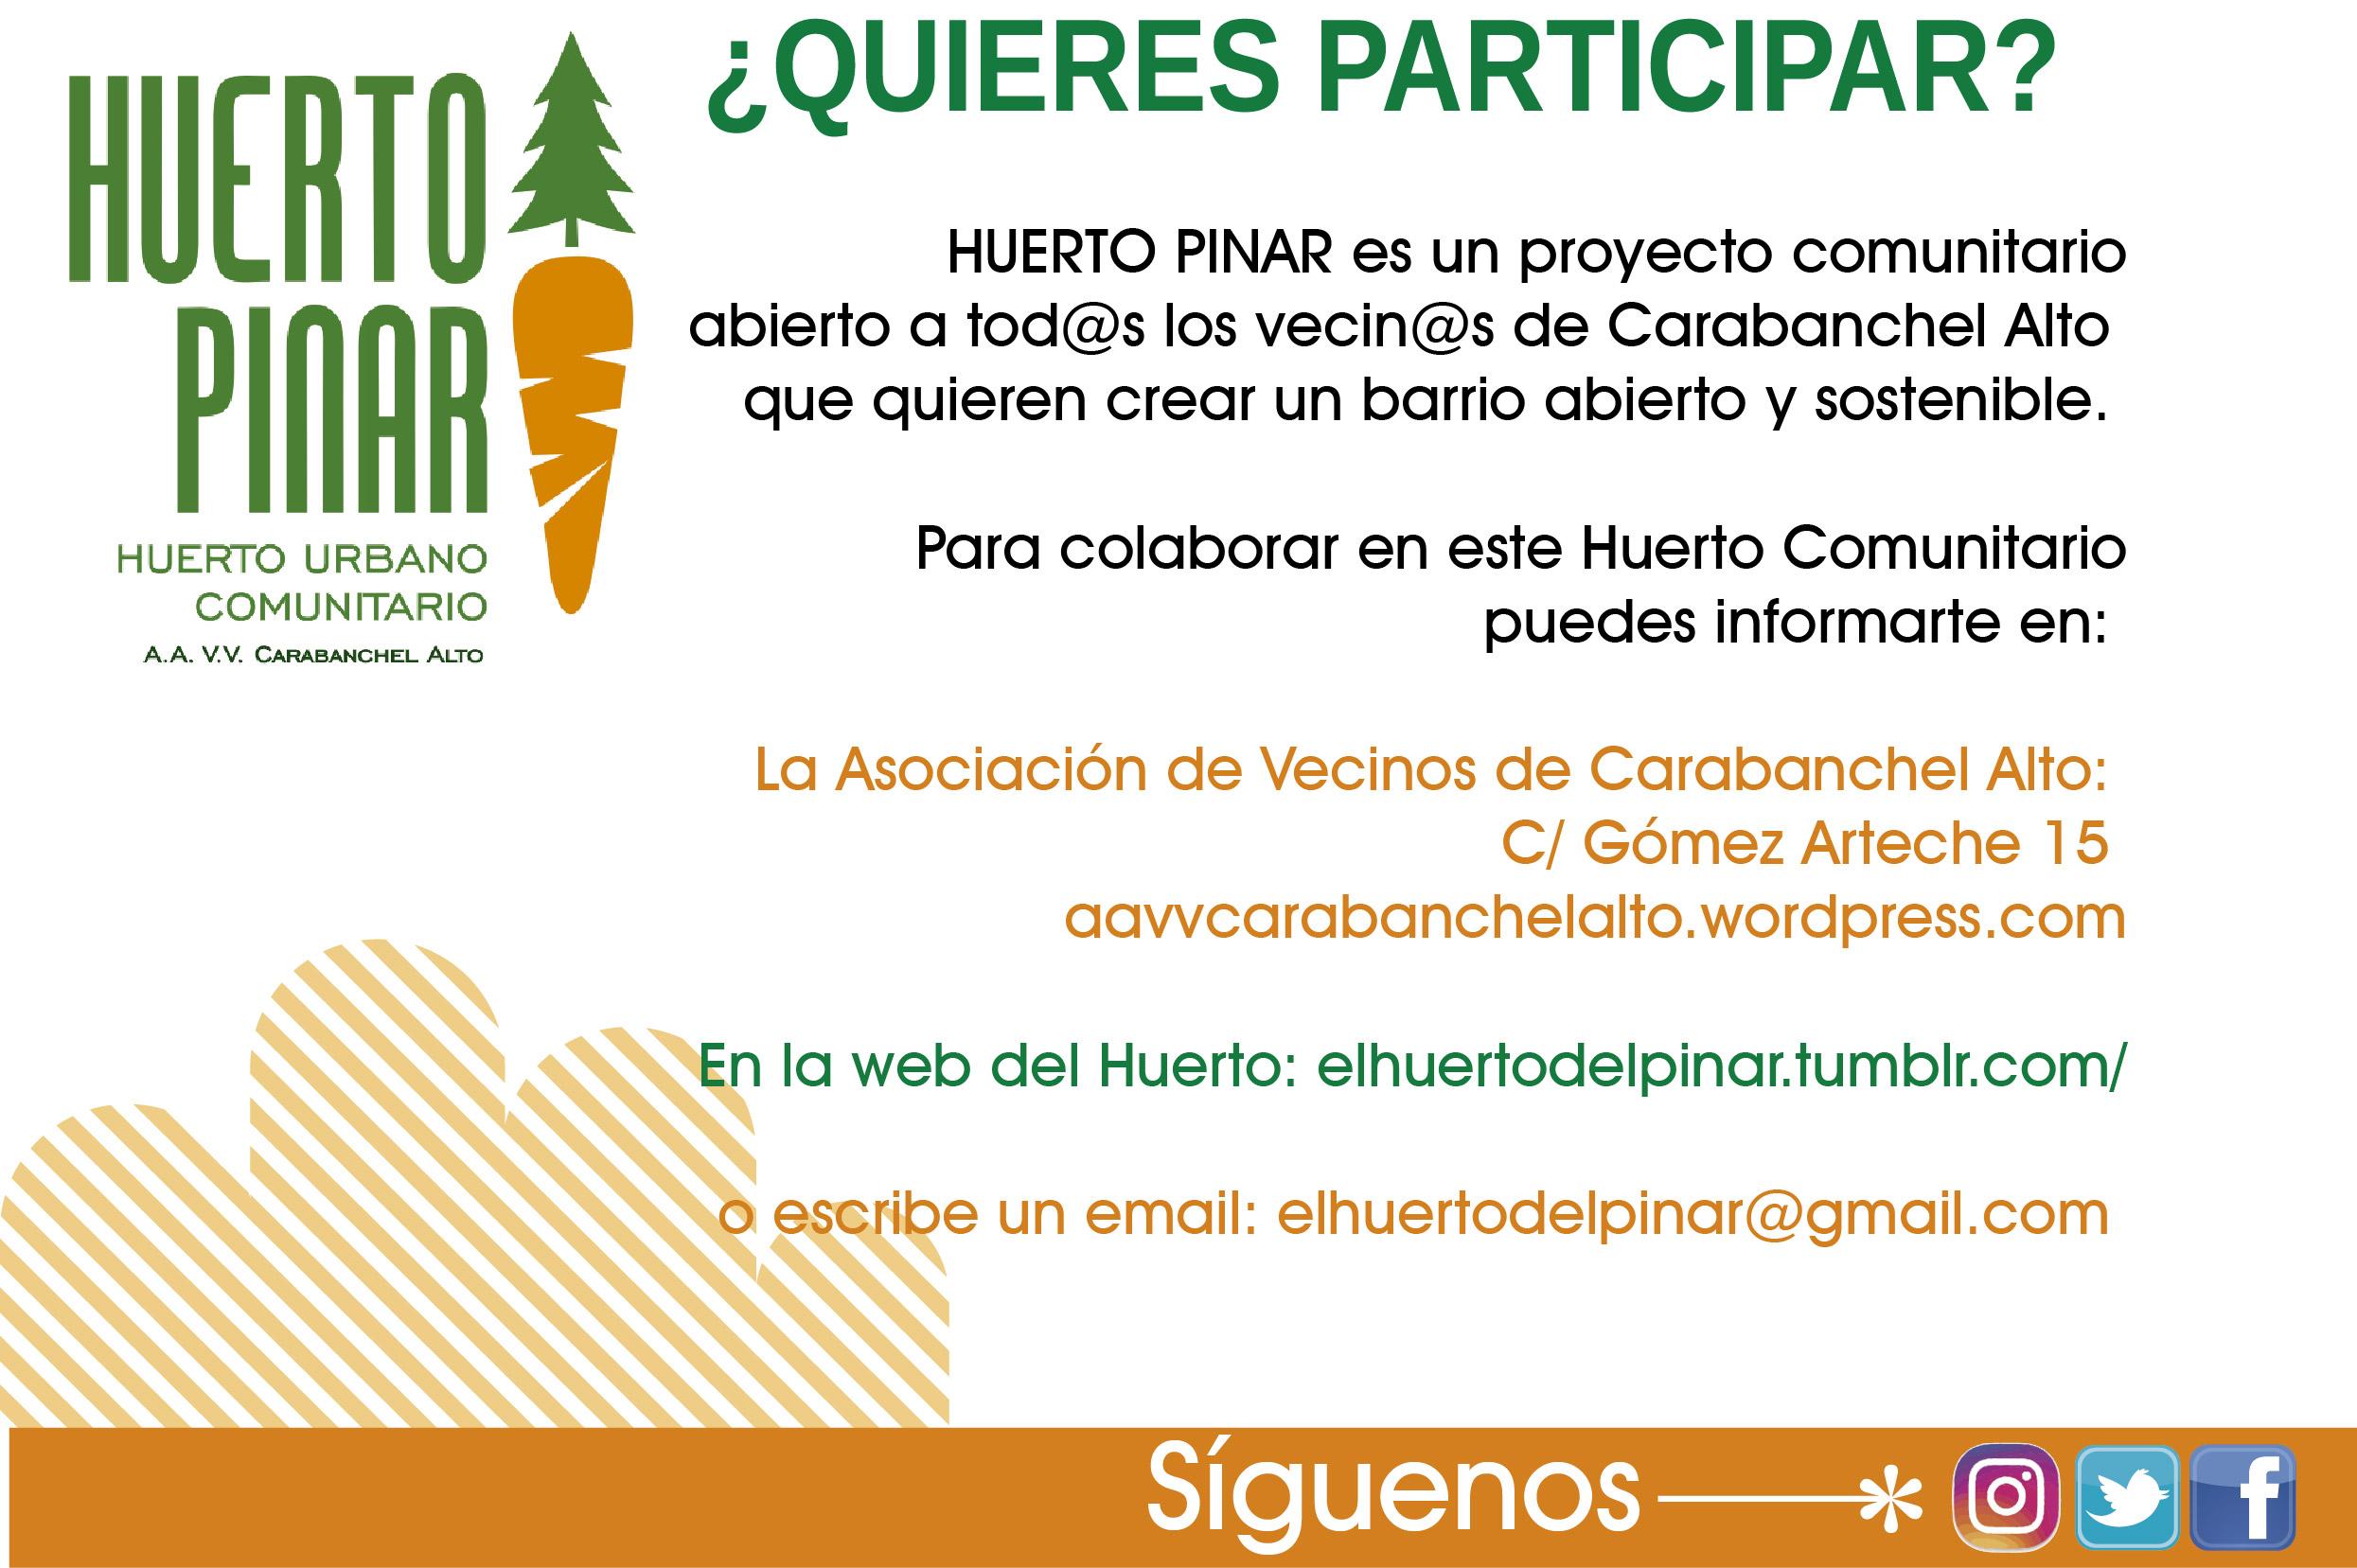 Participa en el proyecto Huerto Pinar